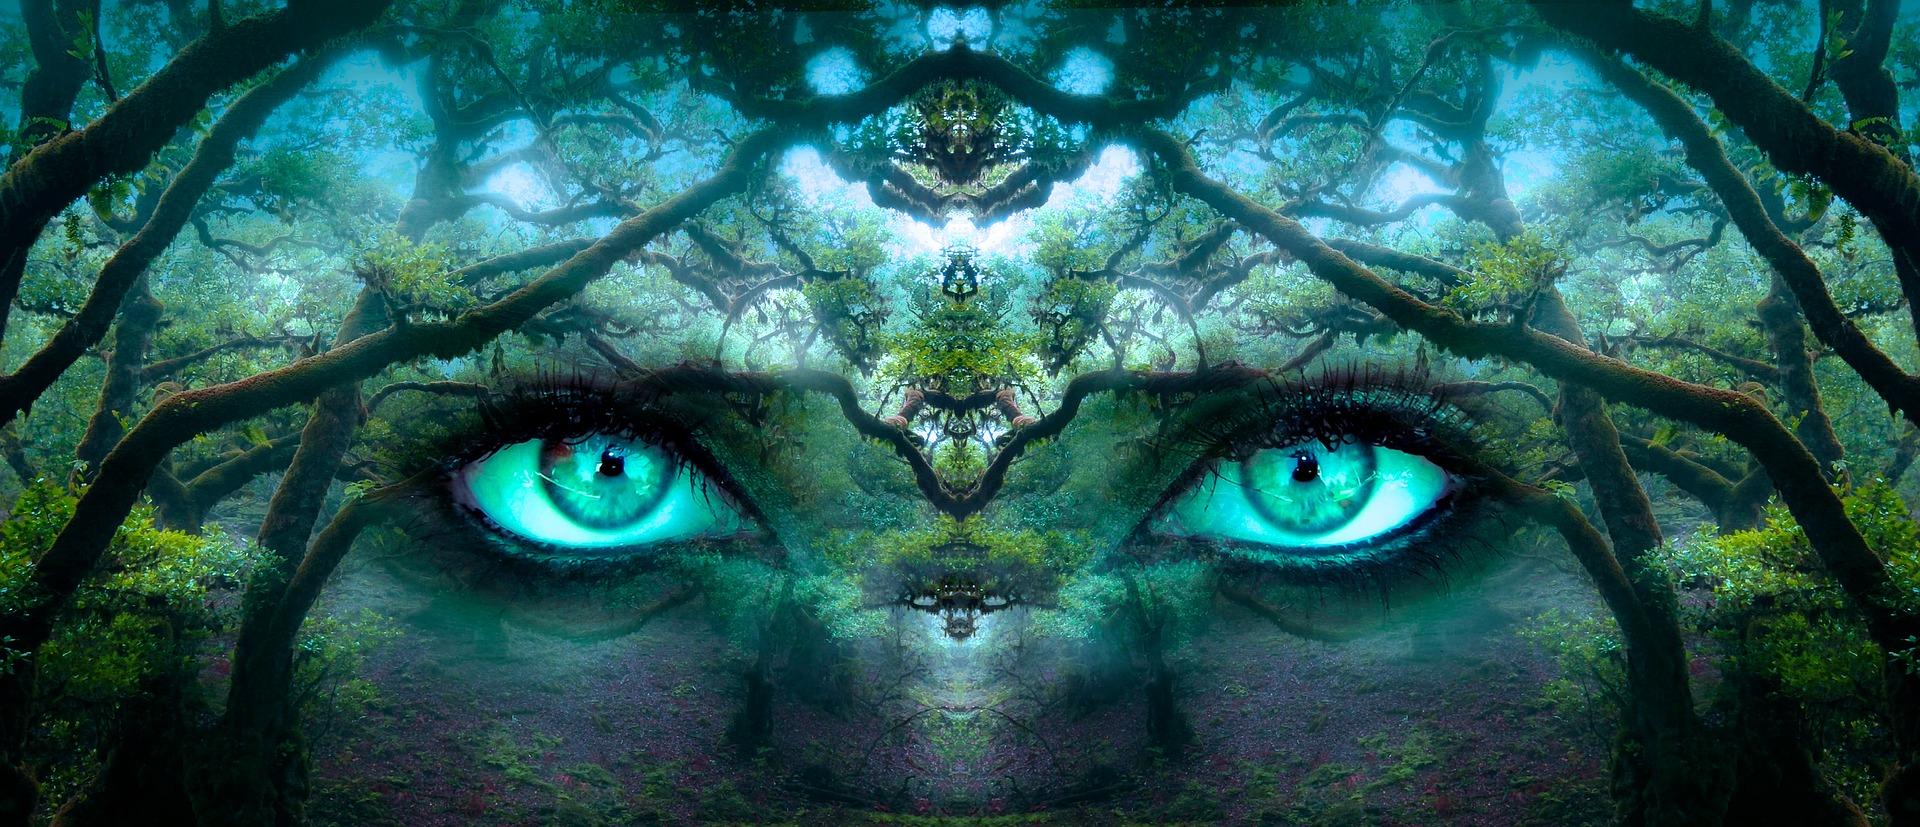 Nature and me - Tineke Vanheule